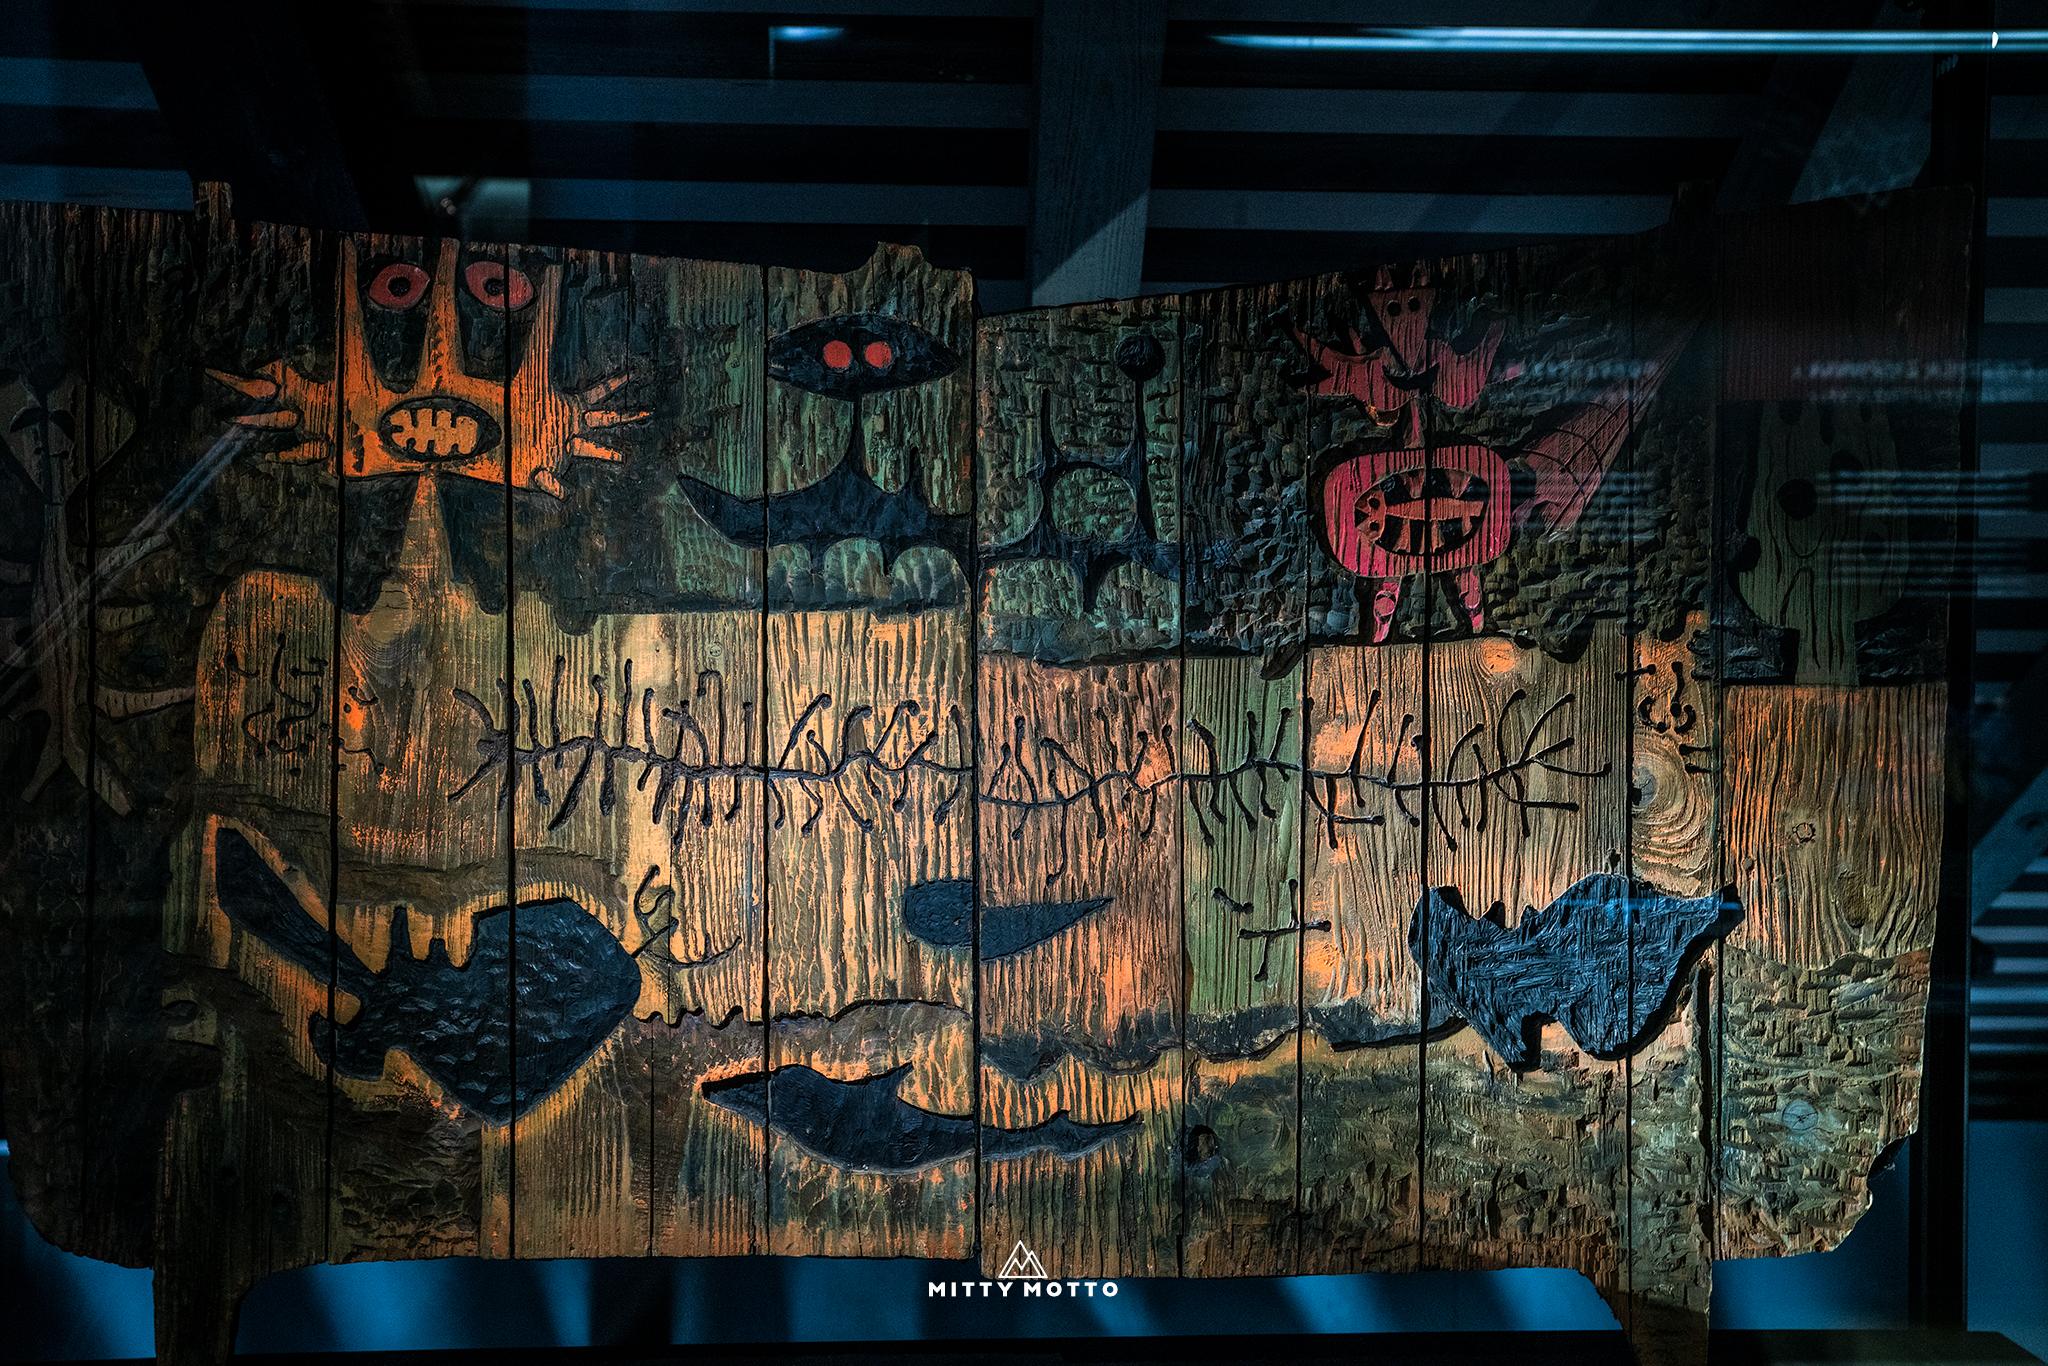 ทัวร์สโลเวเนีย by Mitty Motto